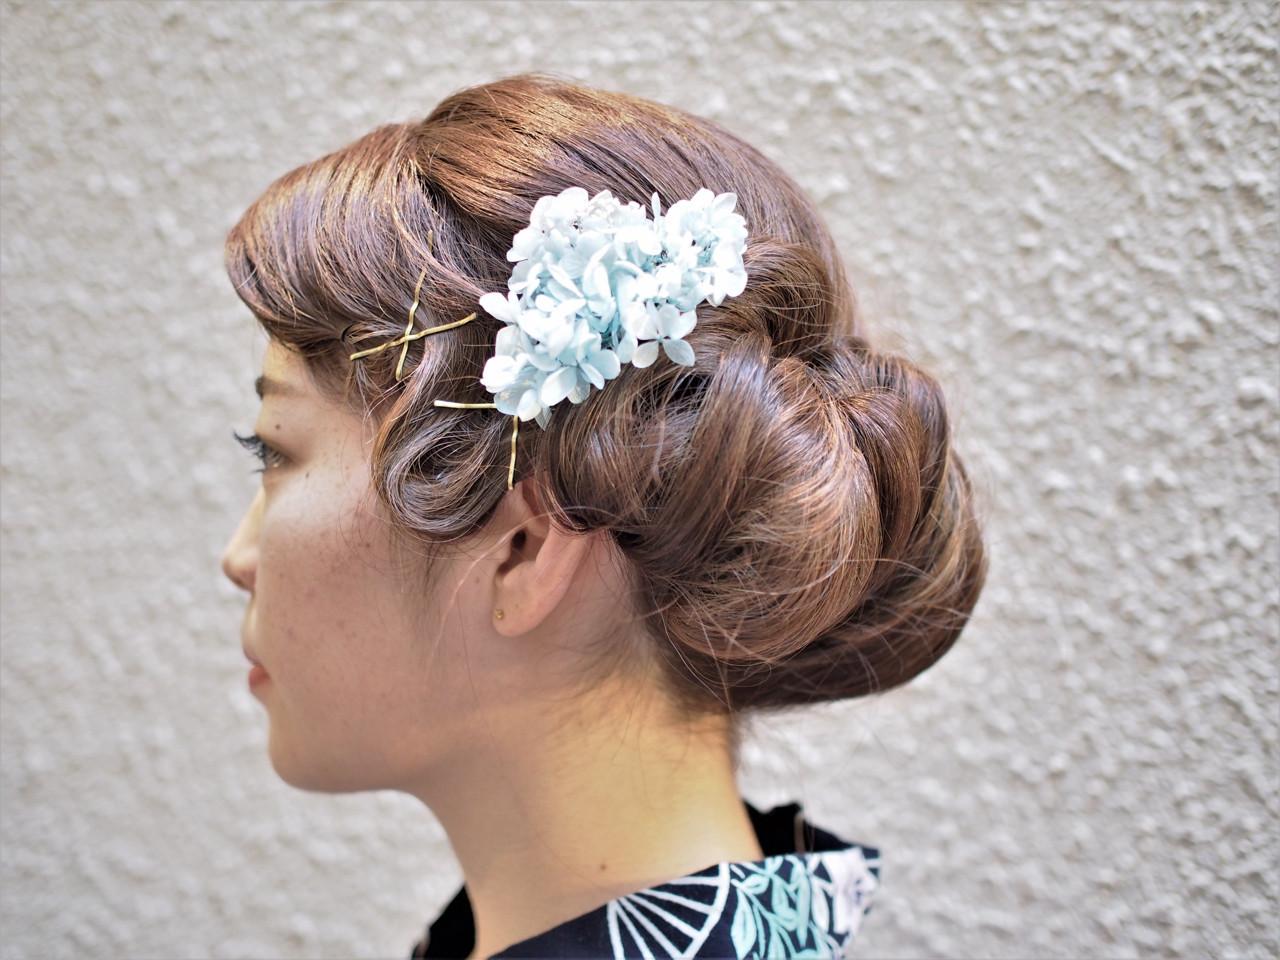 ウェーブ モード ヘアアレンジ 和装 ヘアスタイルや髪型の写真・画像